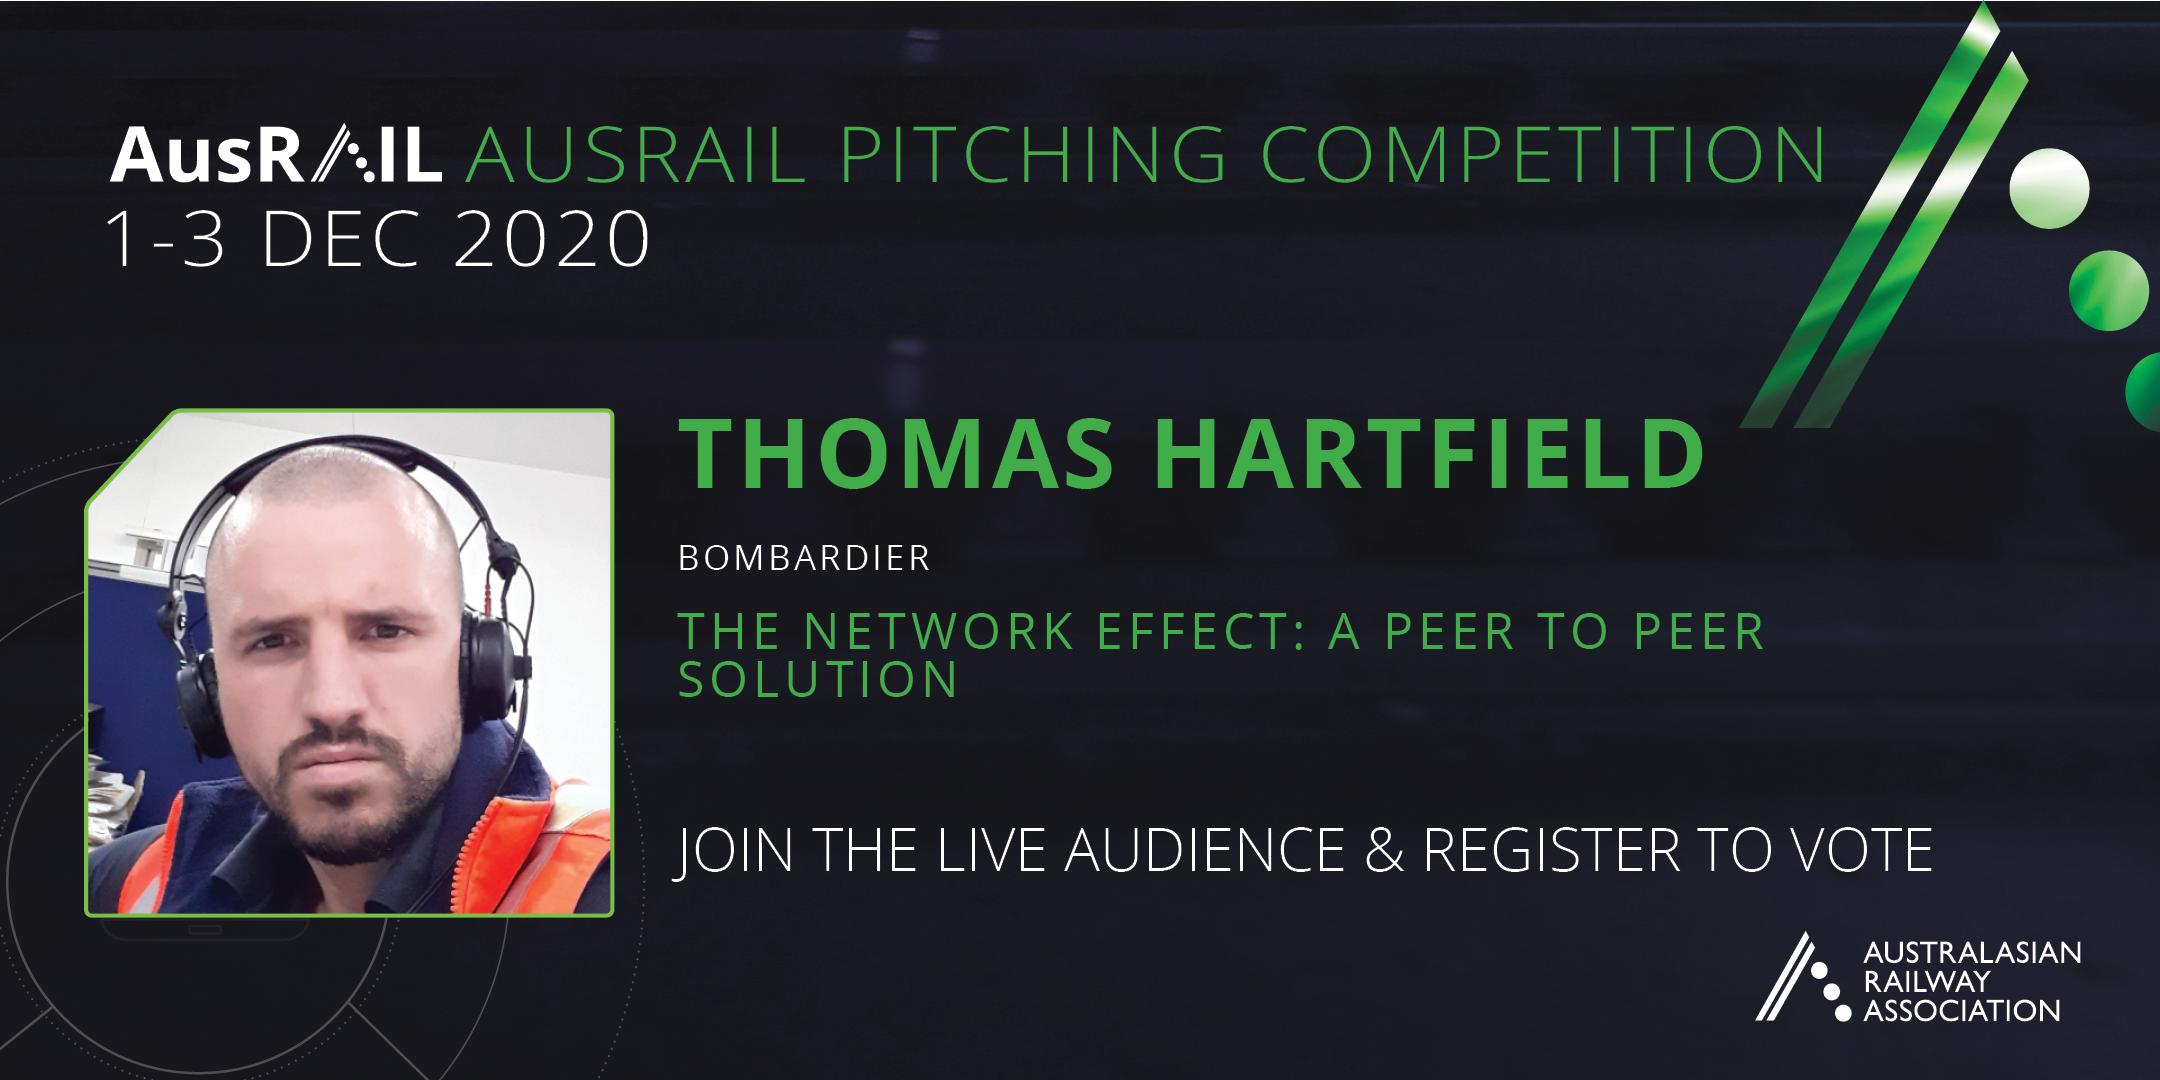 Thomas Hartfield